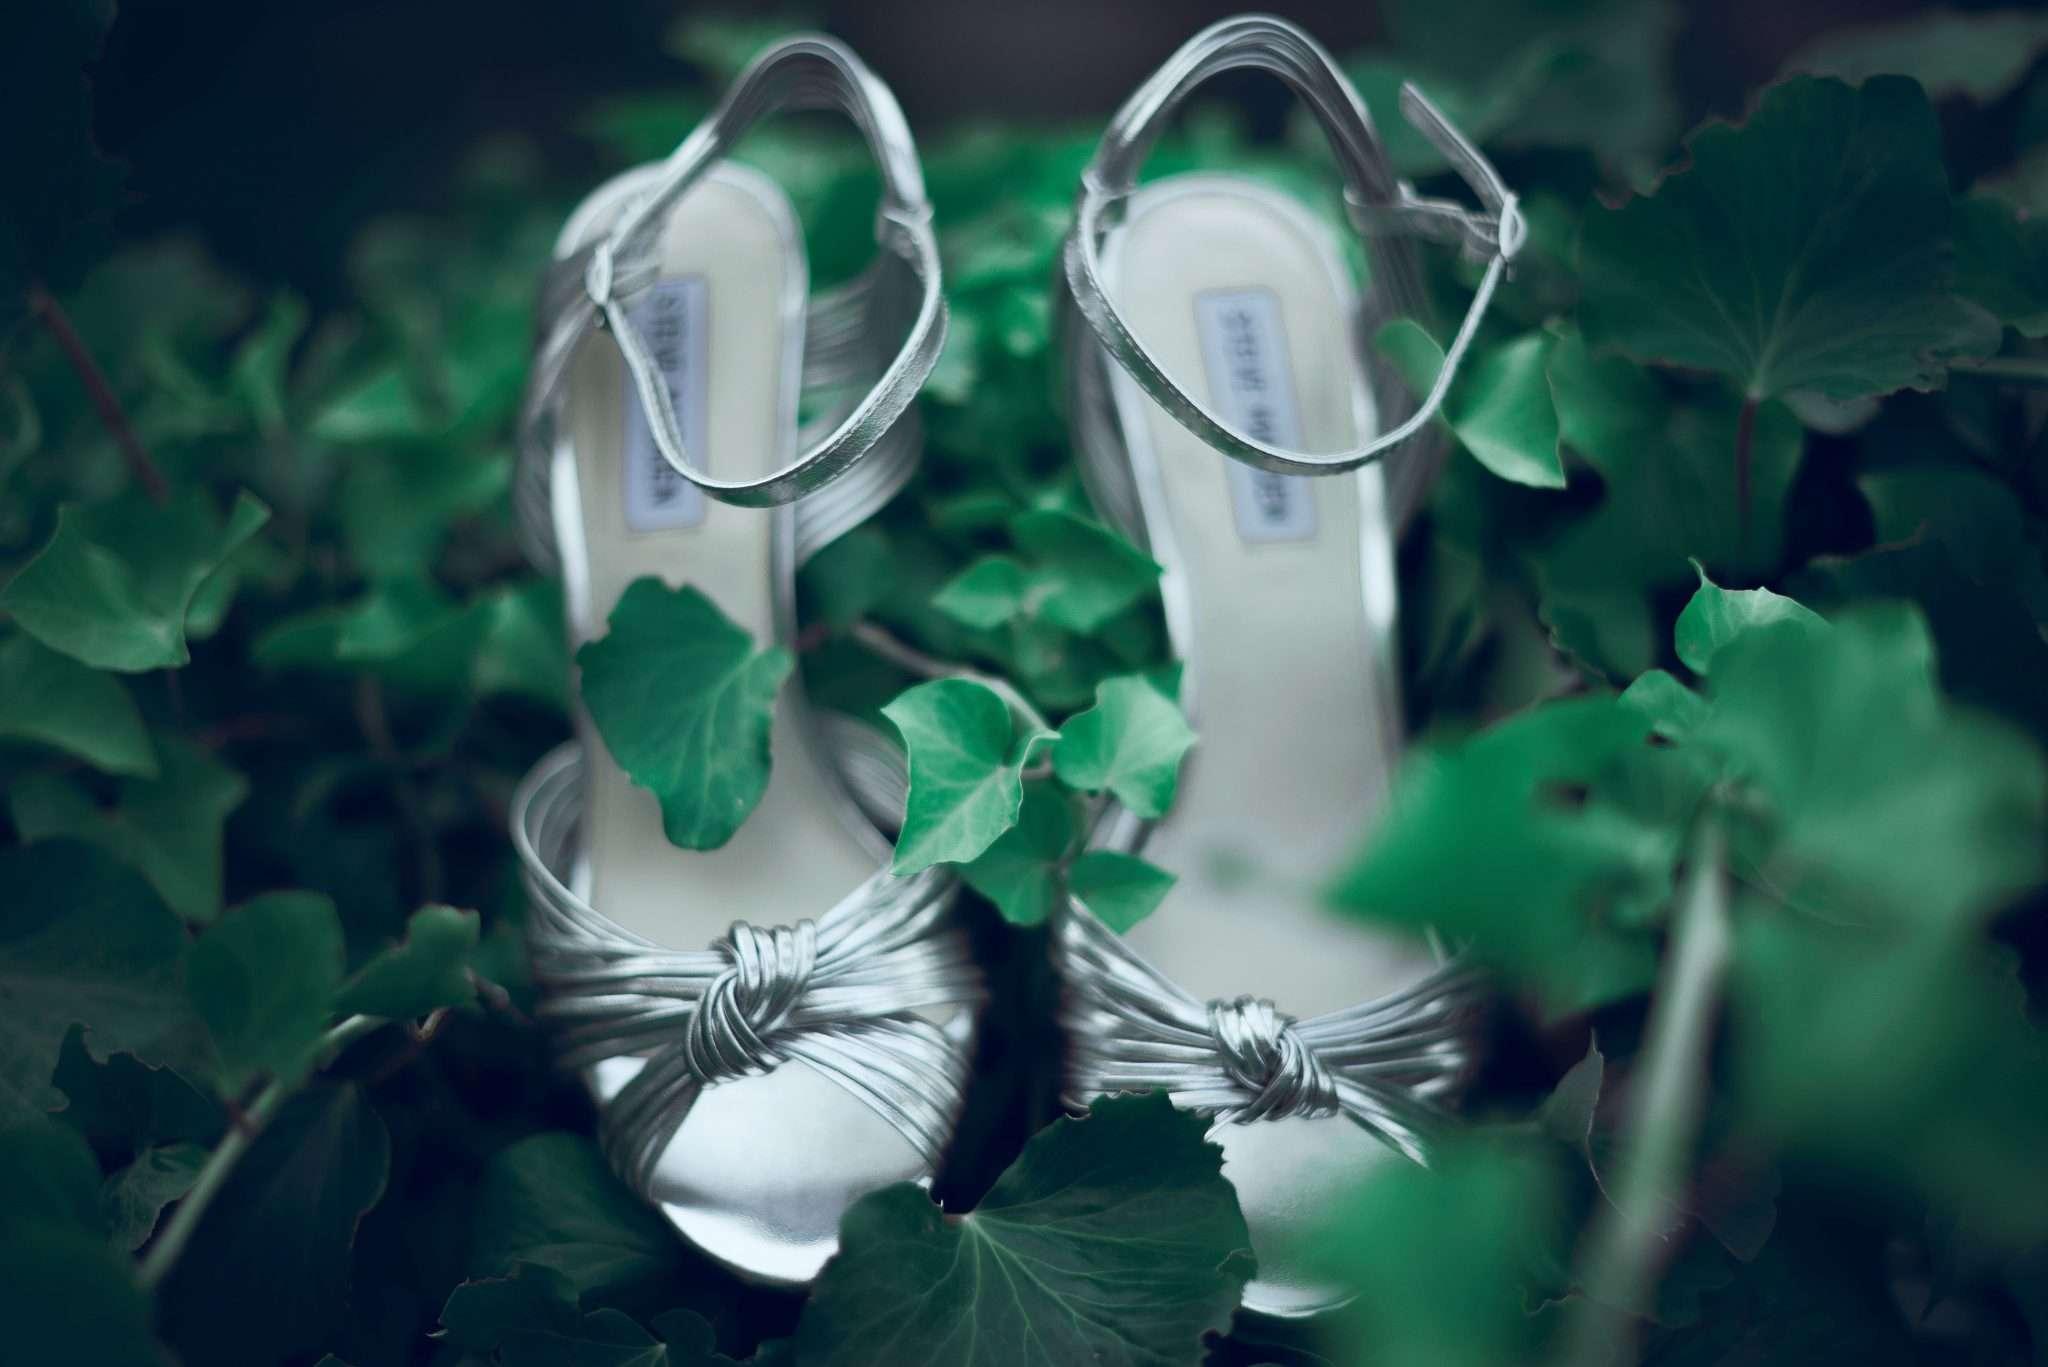 Fotografia scarpe sposa wedding reportage Sorrento realizzata da Barbara Trincone fotografa con studio a Pozzuoli - Napoli